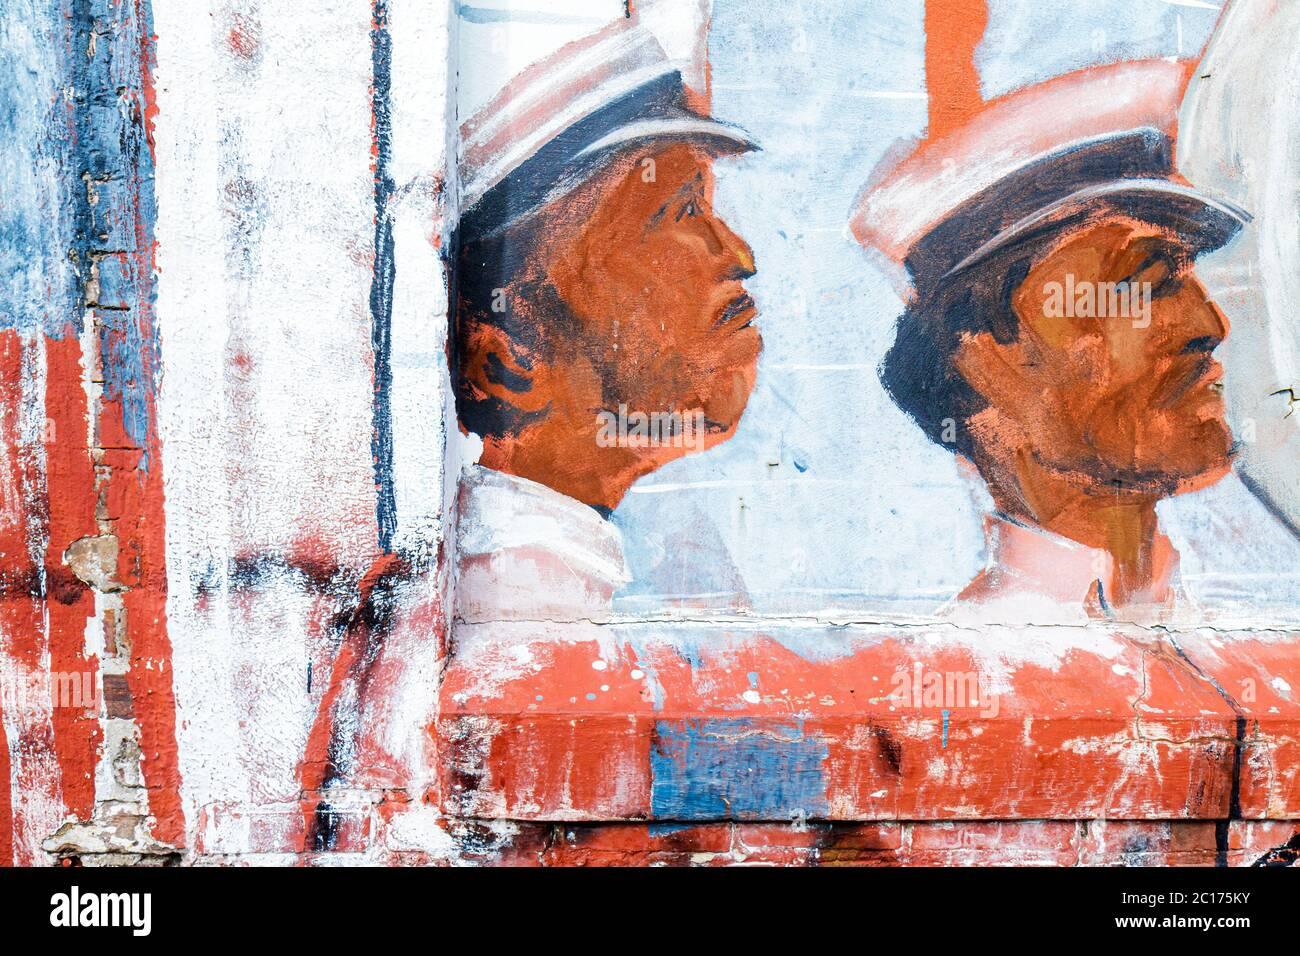 Louisiana, LA, South, Orleans Parish, New Orleans, Warehouse District, mural de pared, pintura, macho negro, sombrero, perfil, detalle, primer plano, arte, turismo Foto de stock